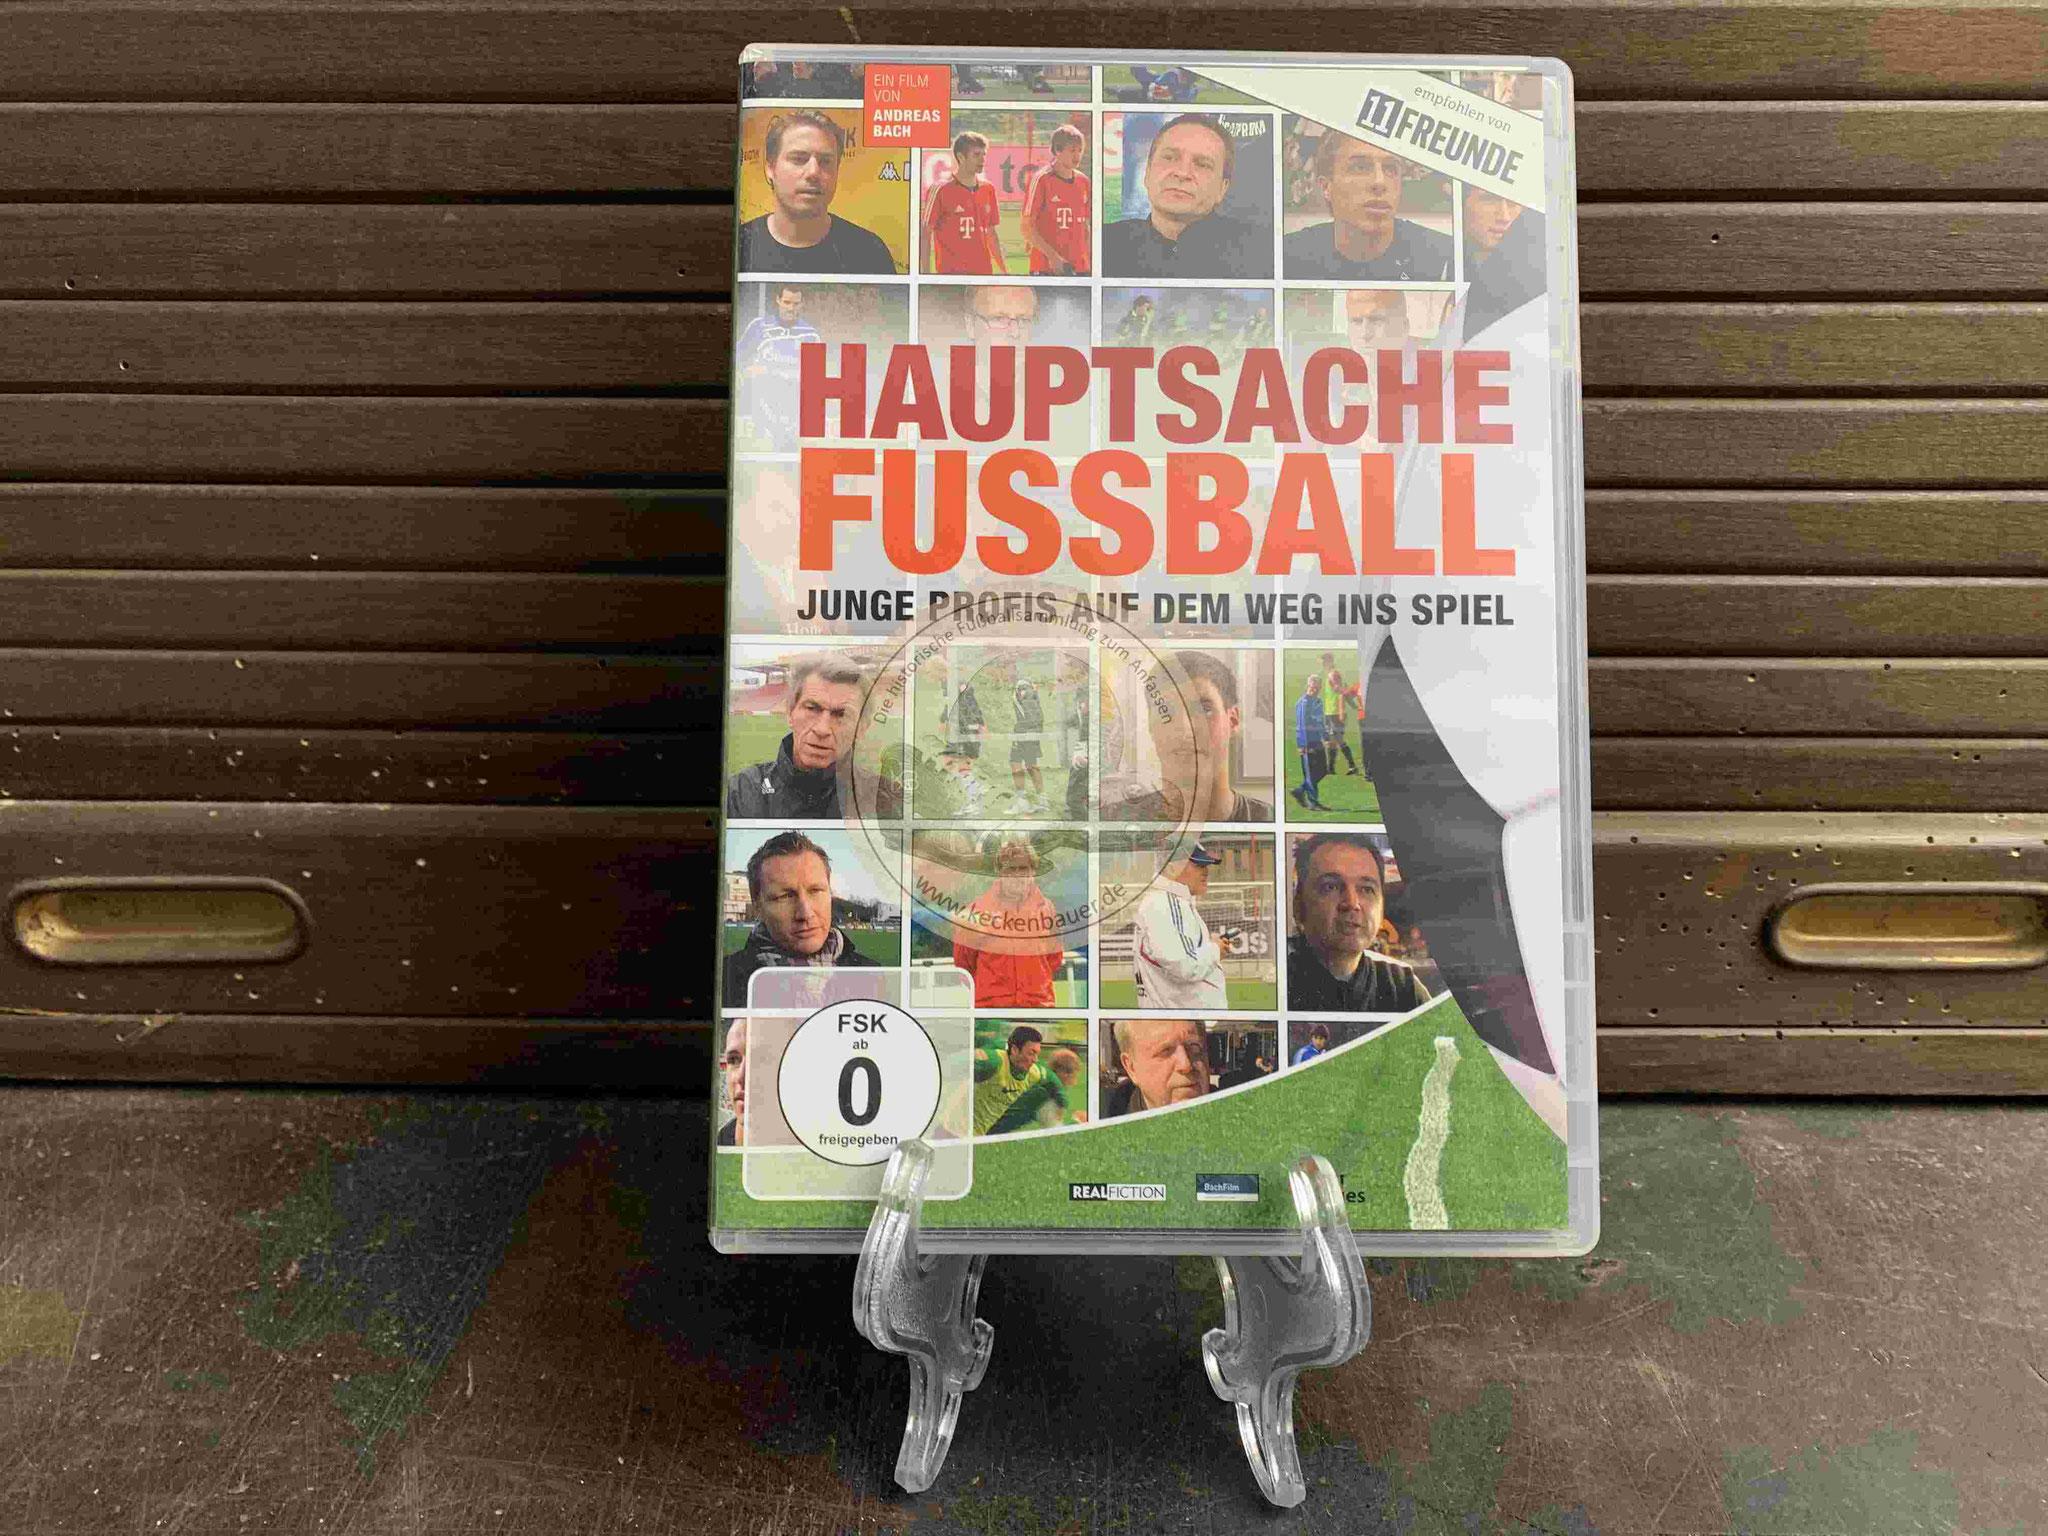 2011 Hauptsache Fussball Junge Profis auf dem Weg ins Spiel